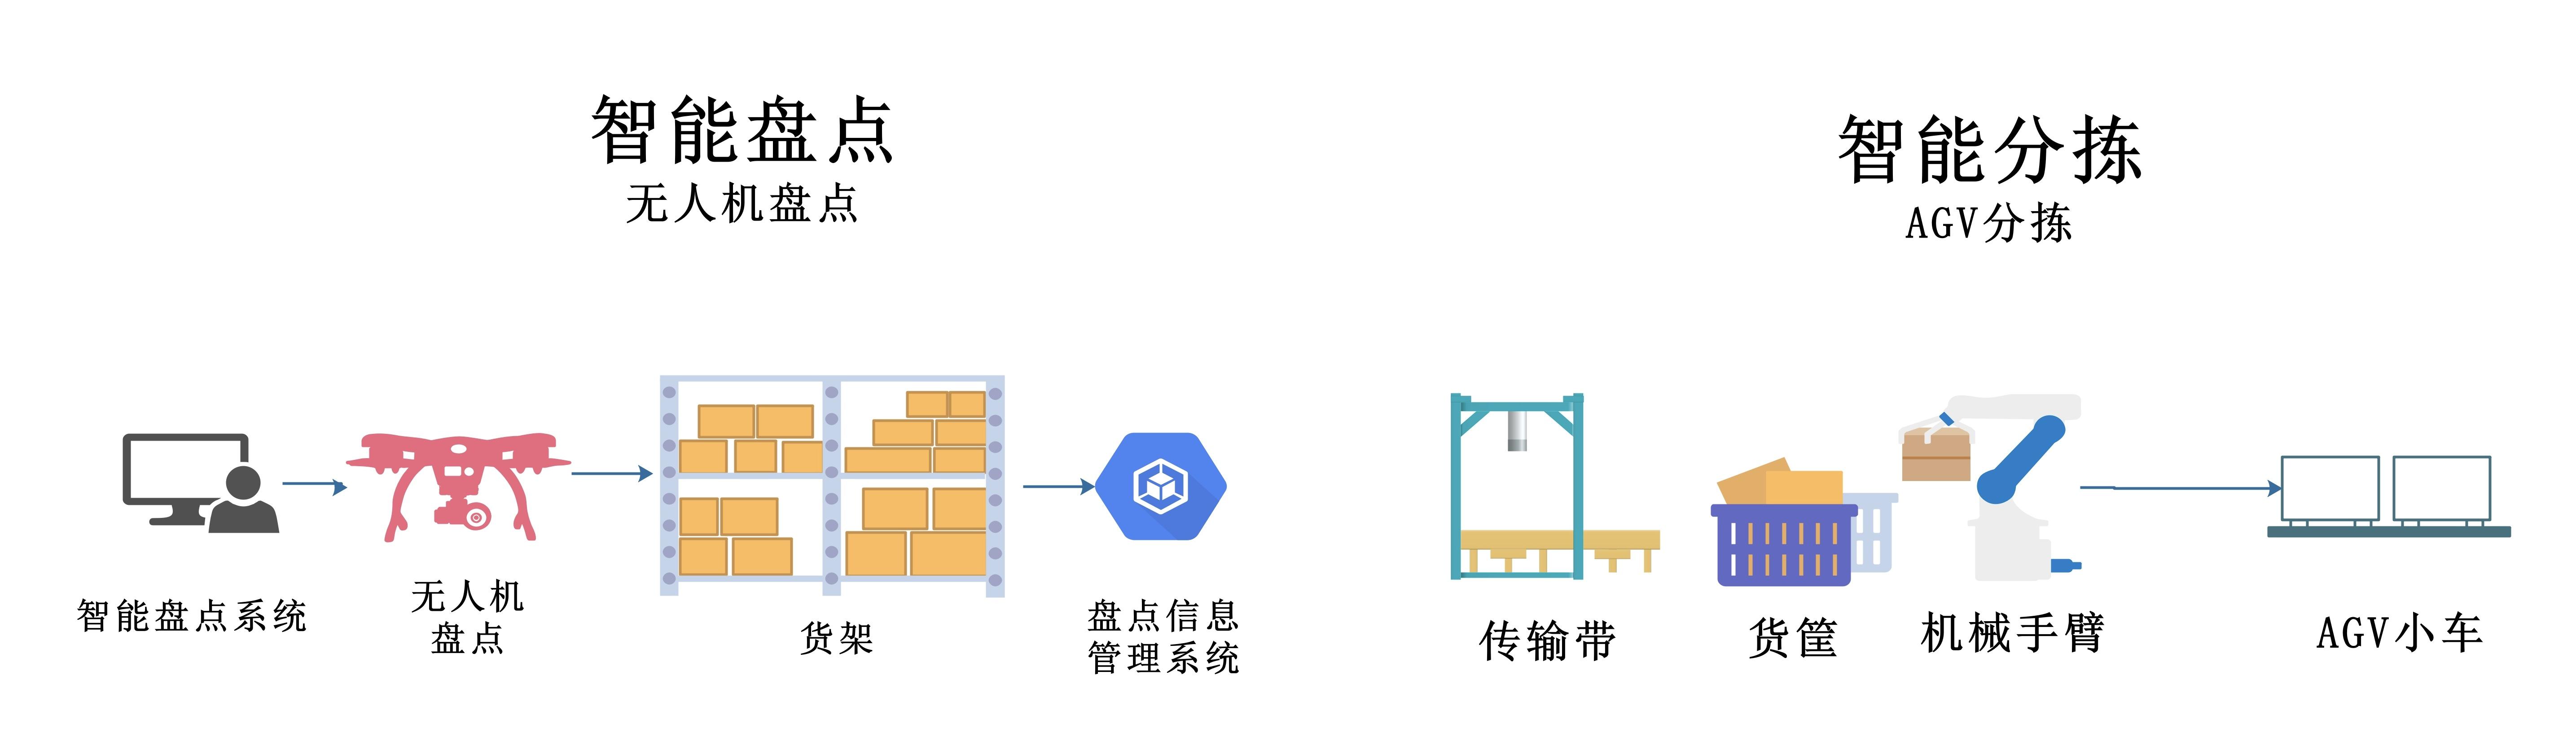 实验室运行概念图2